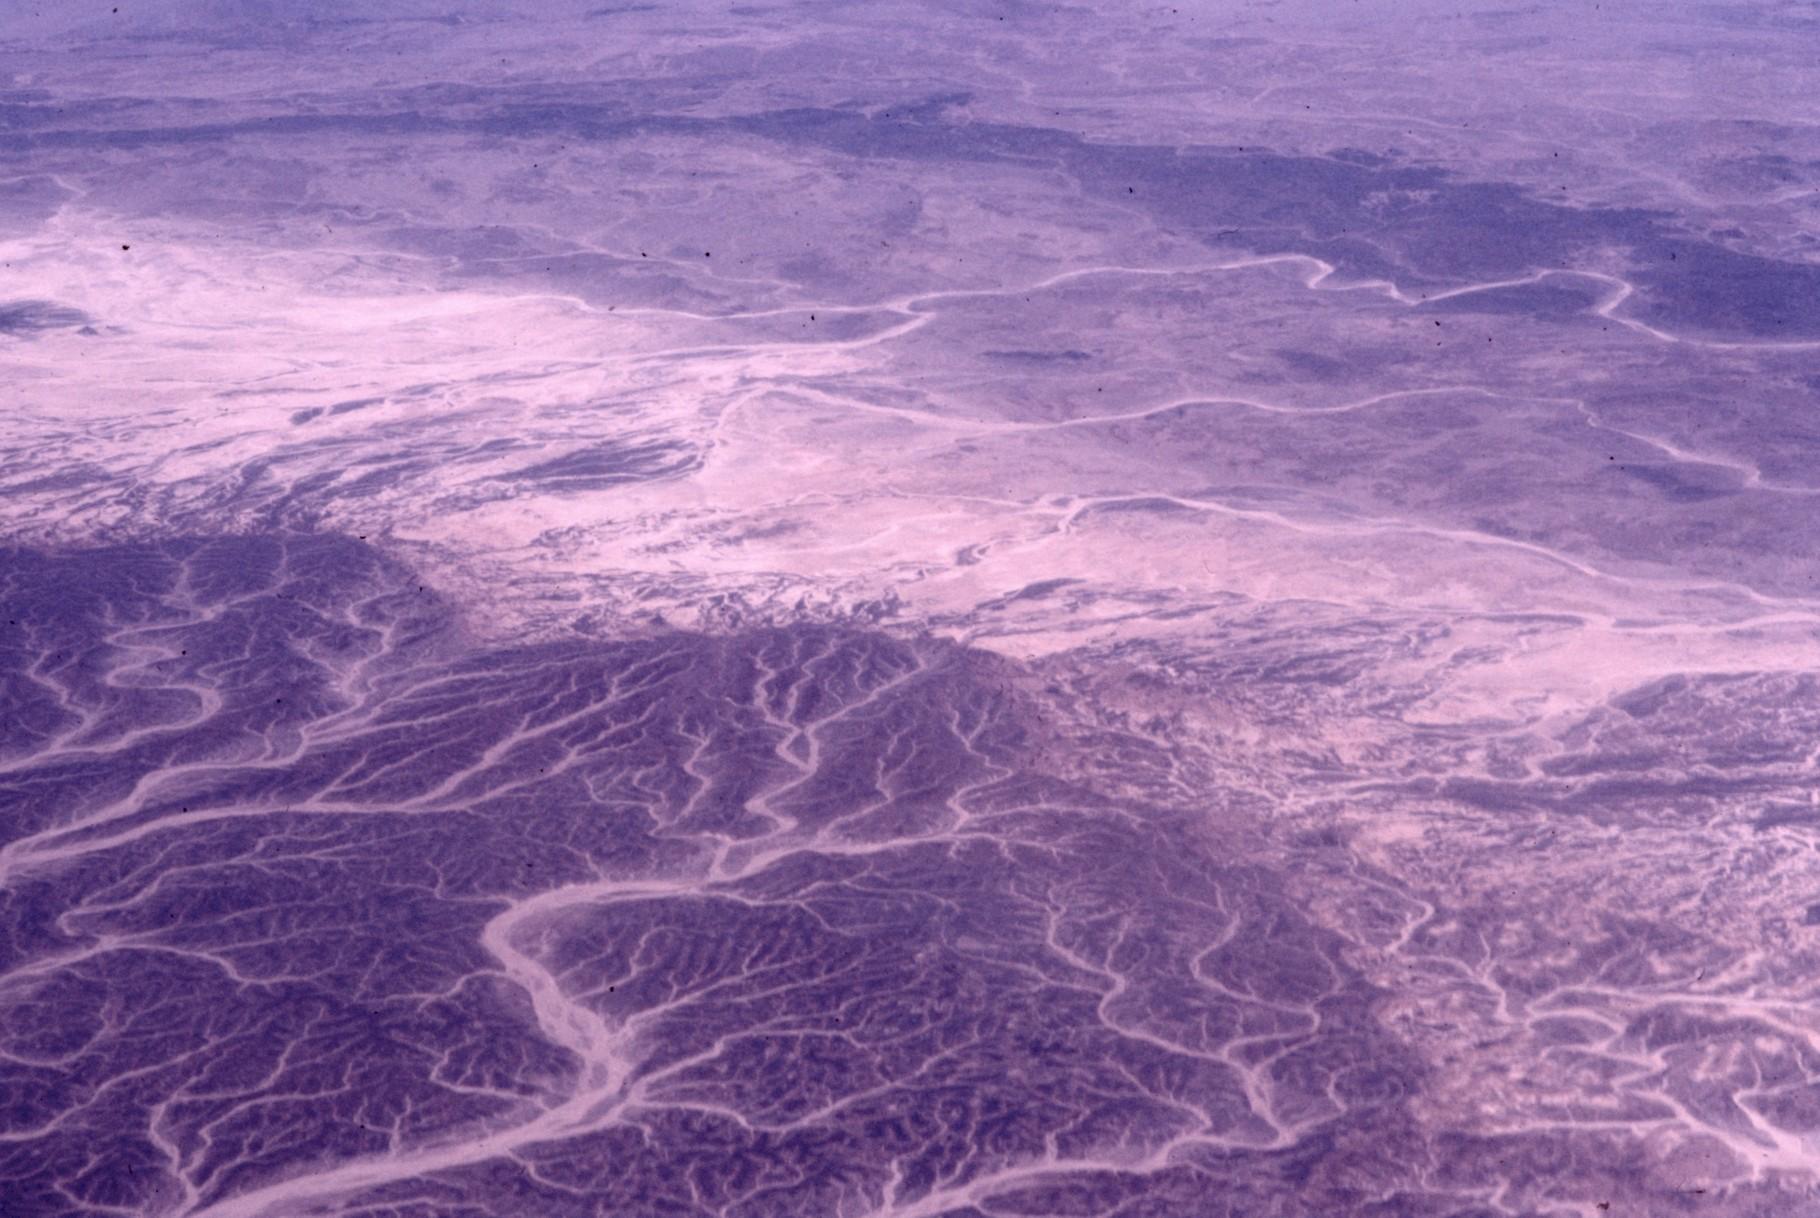 ワジ(涸れ谷) 黒い部分は岩石砂漠